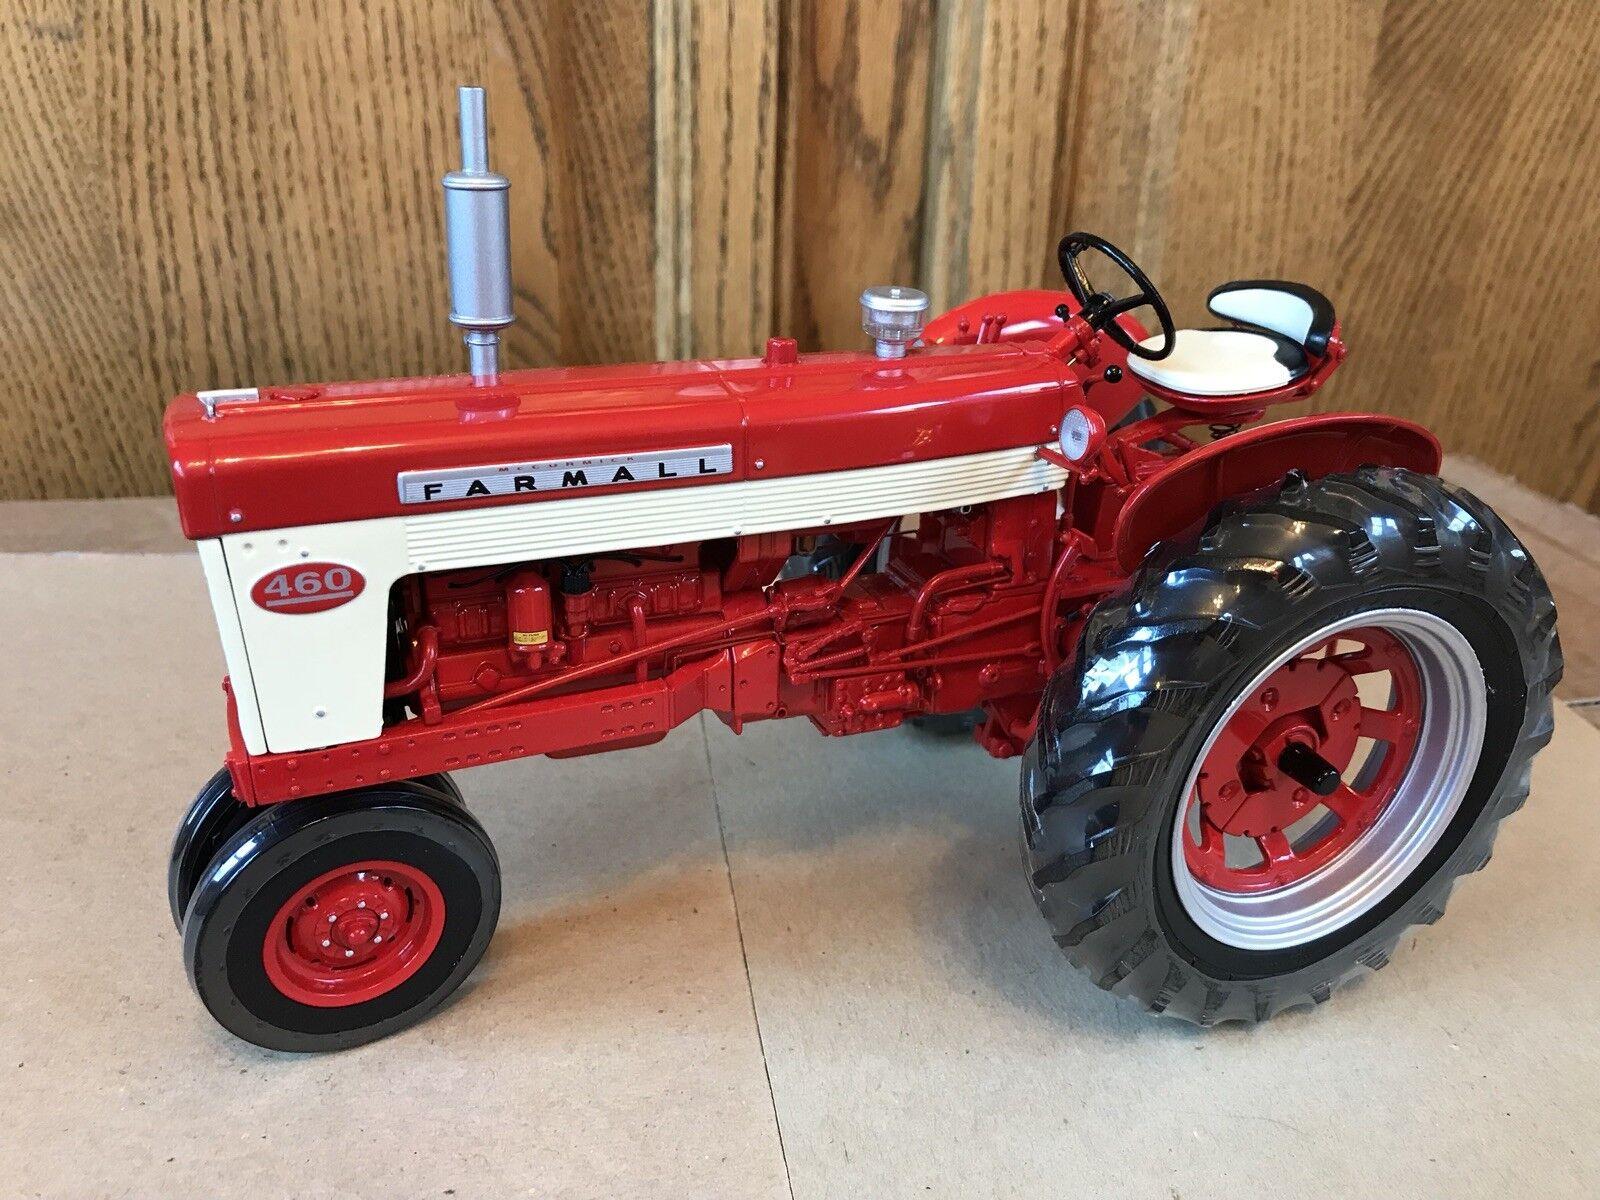 ERTL Farmall 460  Precision Series Modèle tracteur avec livret et médaillon  vente de renommée mondiale en ligne